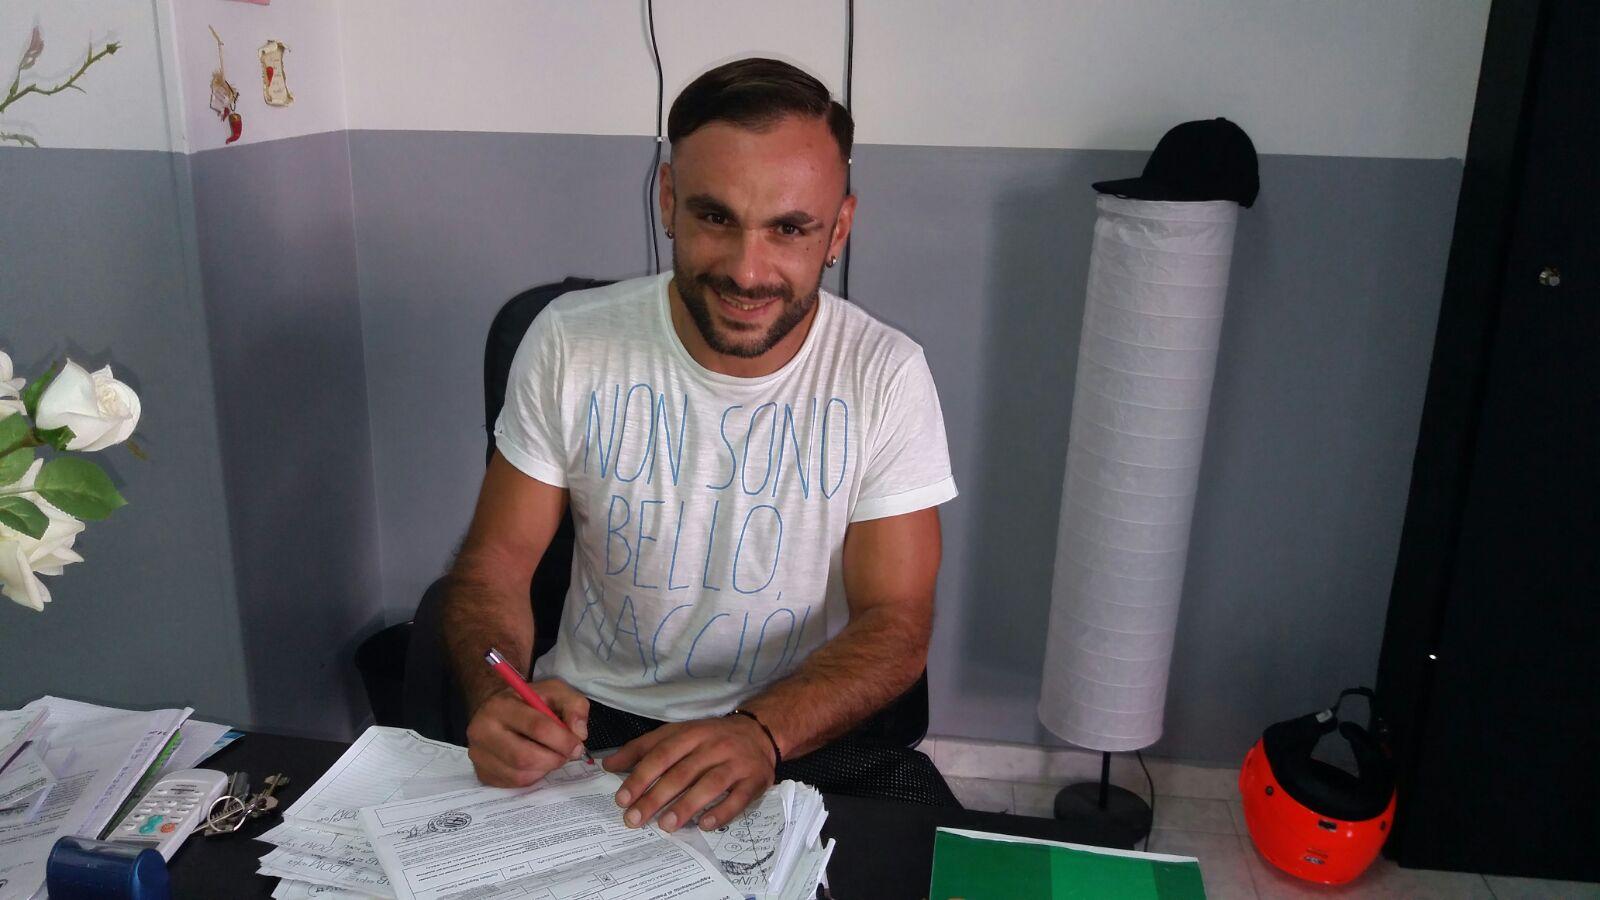 UFFICIALE | Prima Categoria,S.Nicola 2009: Sarniolo ritorna a vestire la maglia verdeblu